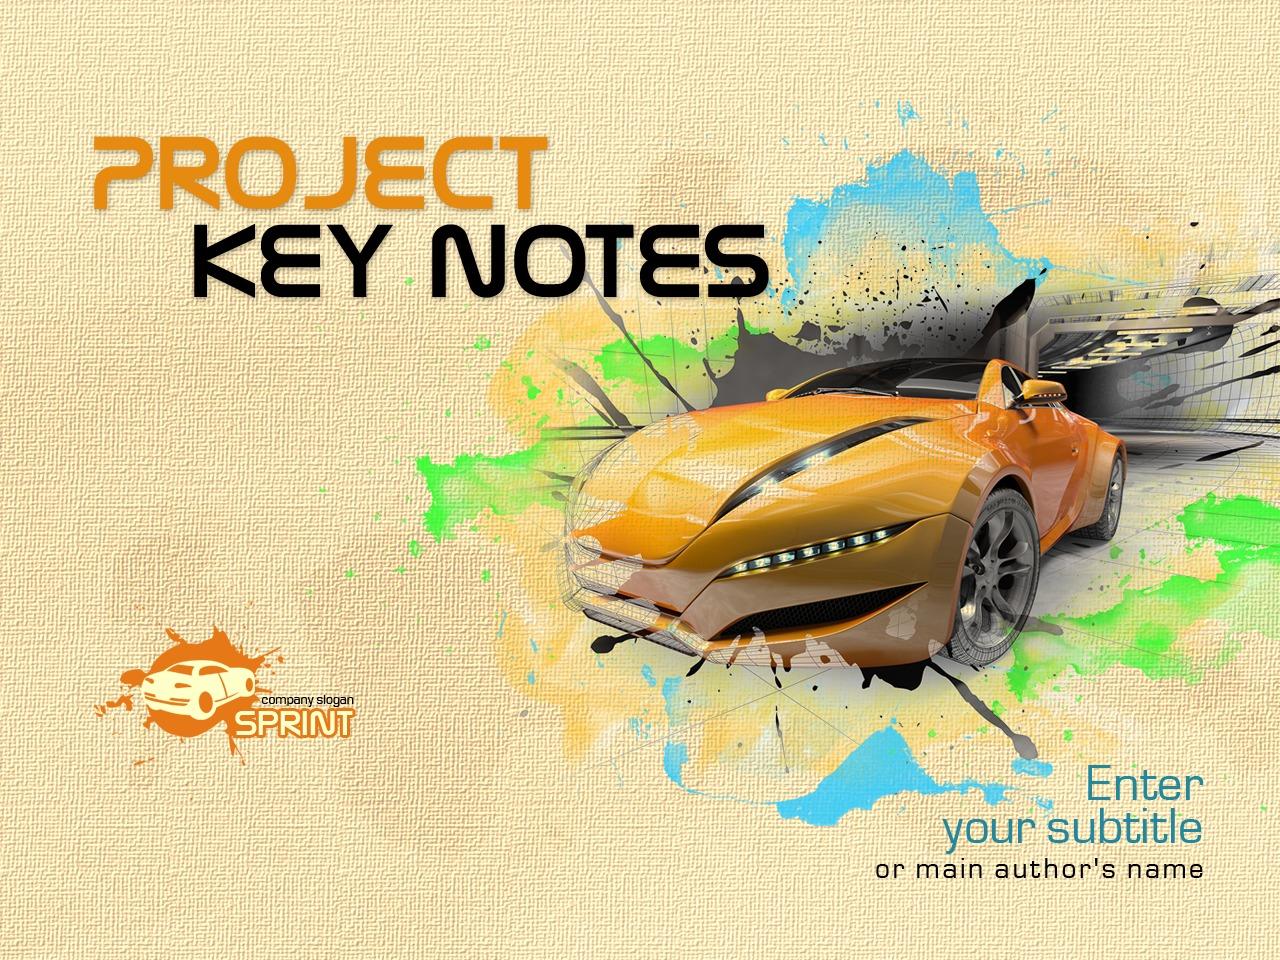 Szablon PowerPoint #33104 na temat: sprzedawca samochodów